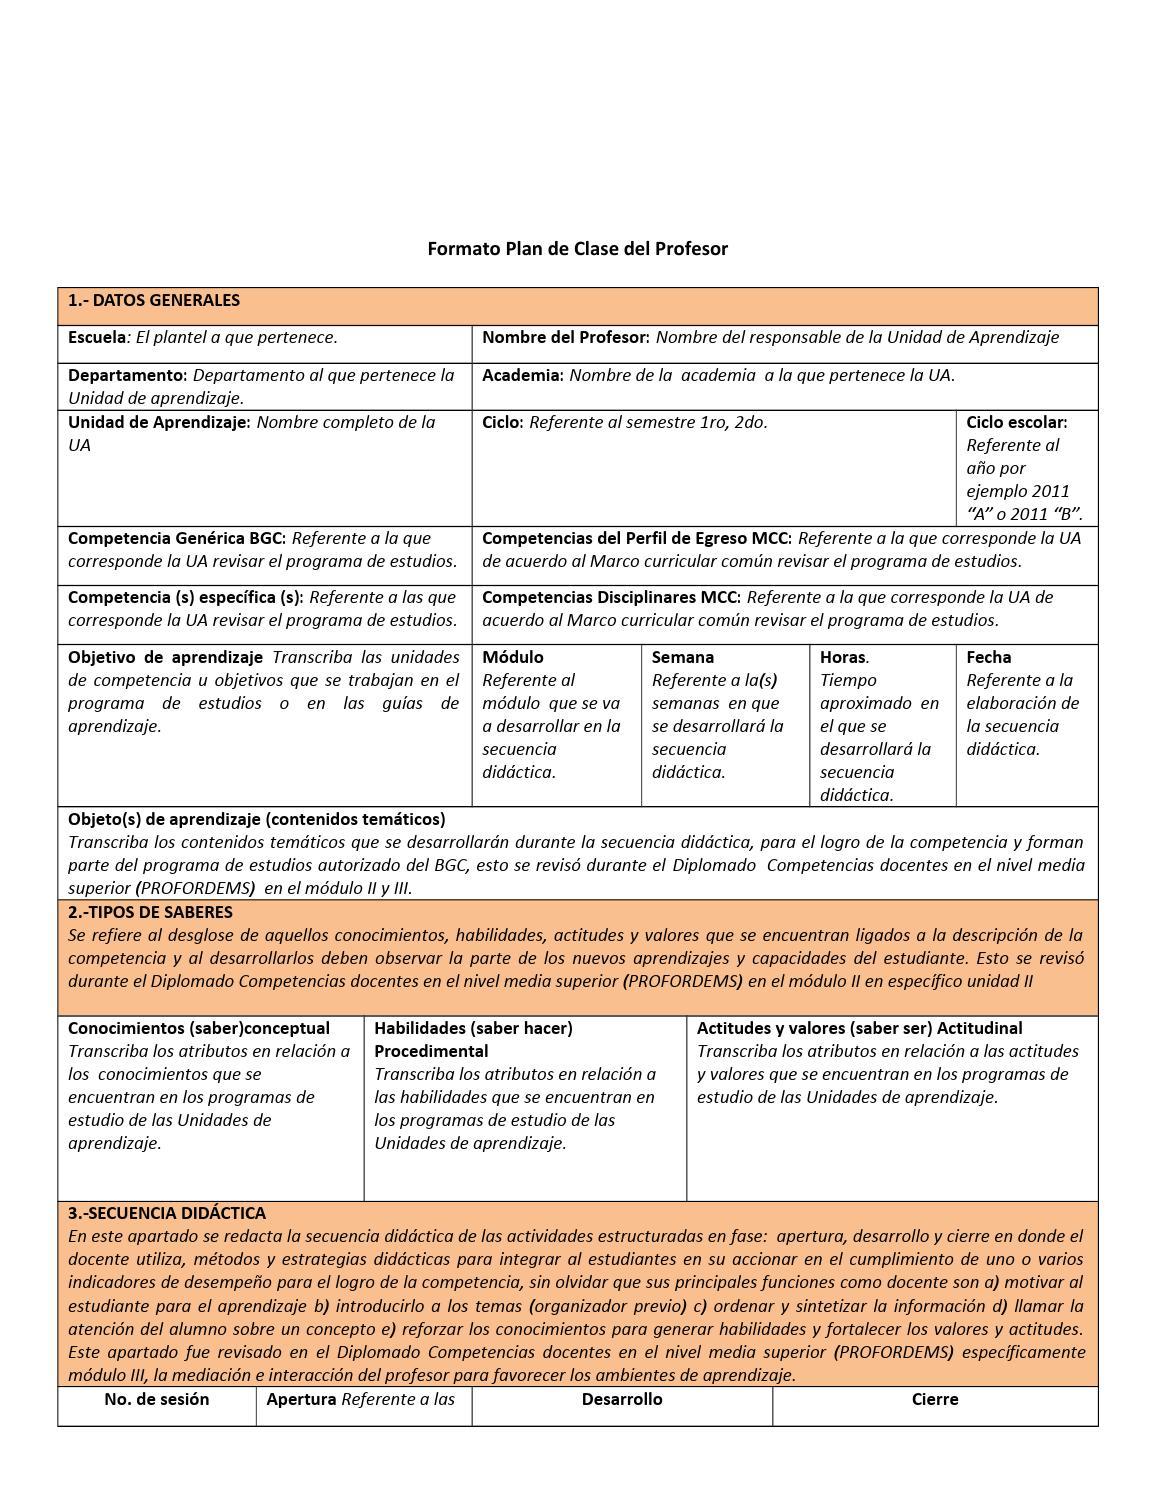 Formato de plan de clase (incluye ejemplo de planeacion) by Iván ...